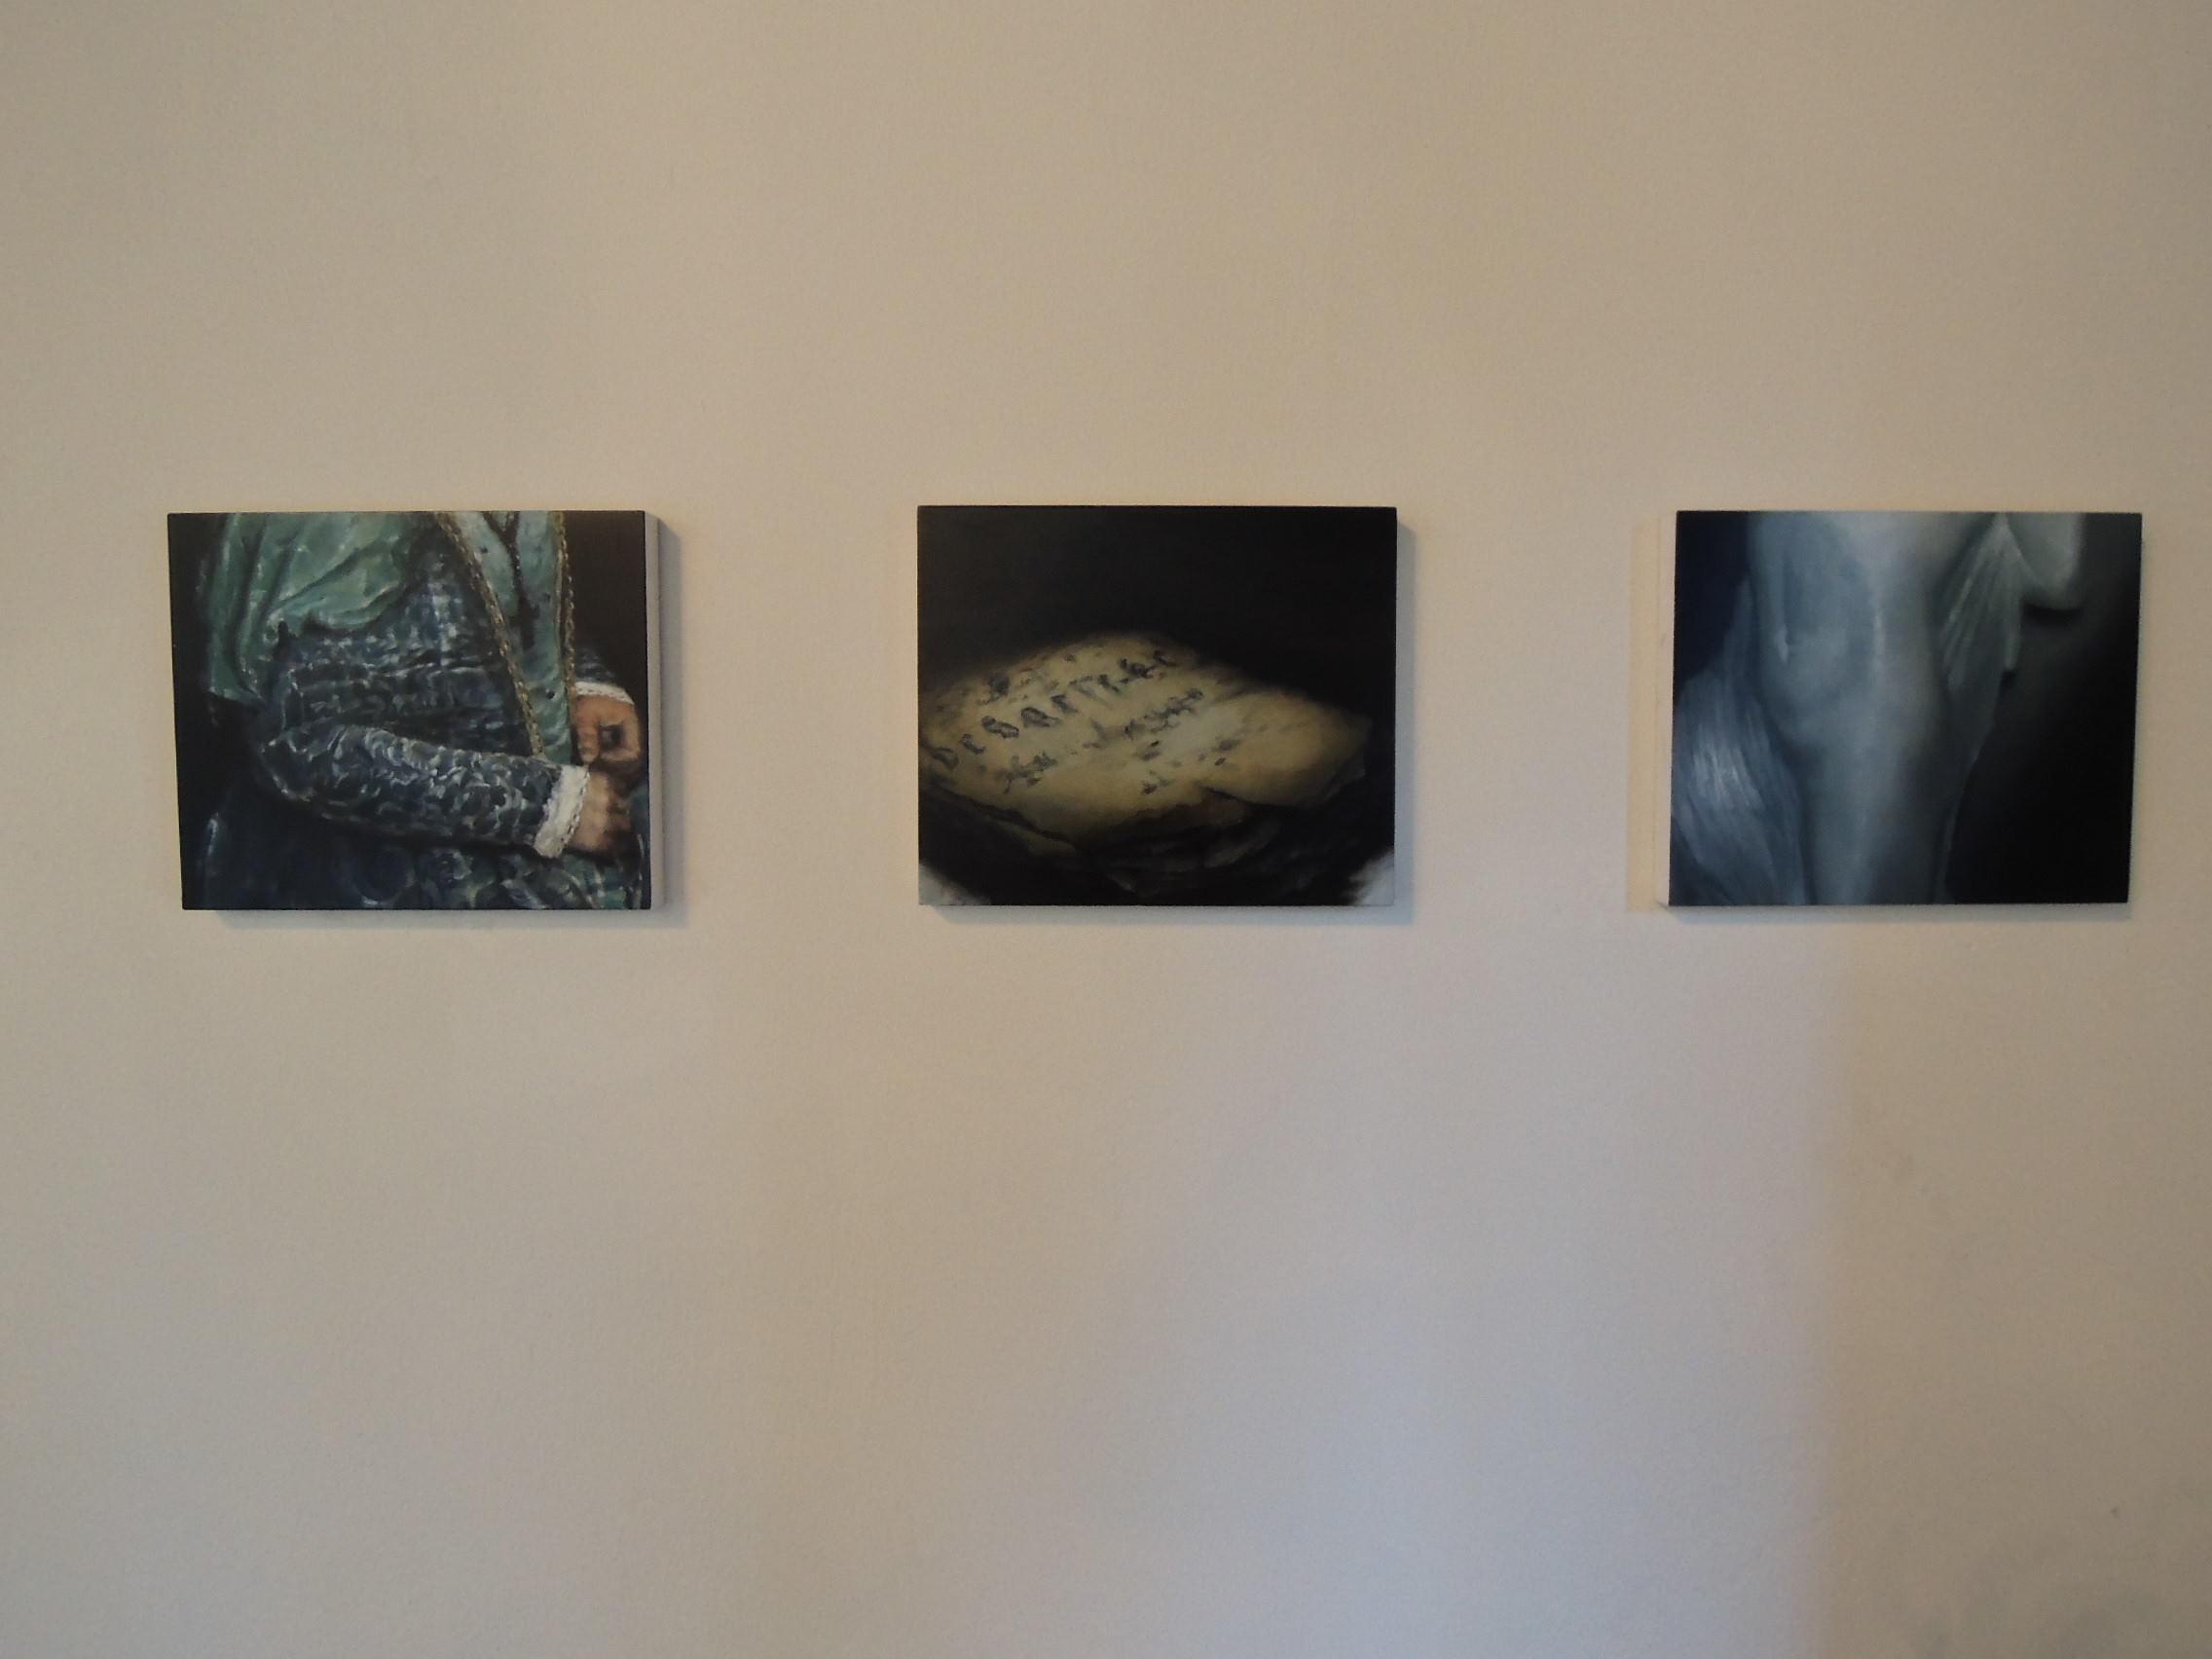 La Belle Peinture 2 , Bratislava (SK), Pisztory Palace.Curators : Eva Hober and Ivan Jançar.Artists in view: Damien Cadio